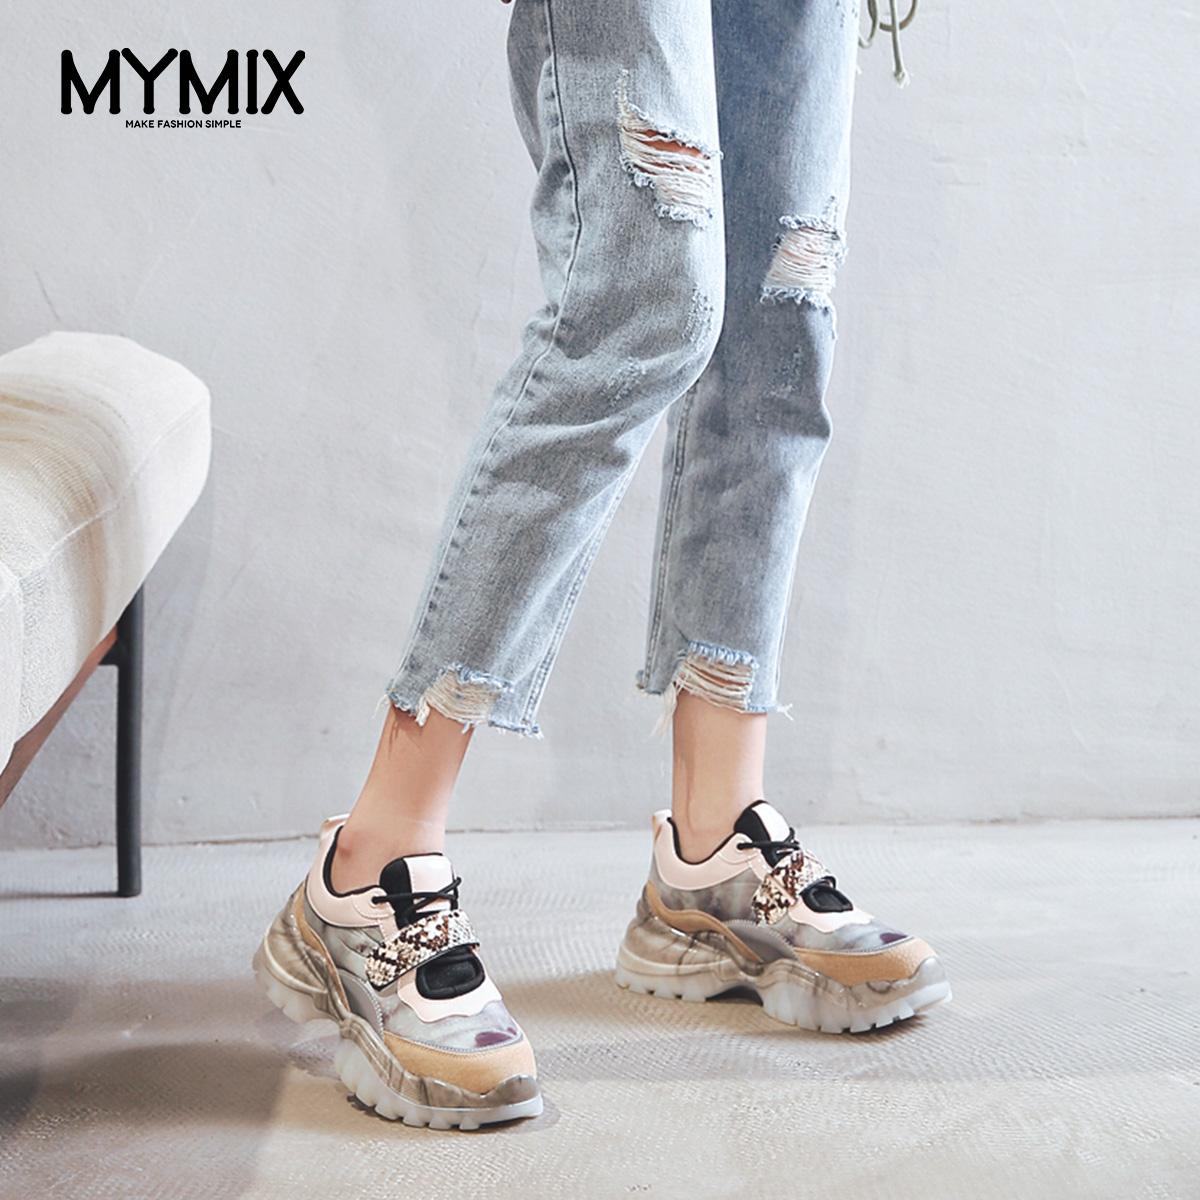 MYMIX我的组合2019秋季新款厚底系带魔术贴真皮运动休闲老爹鞋女